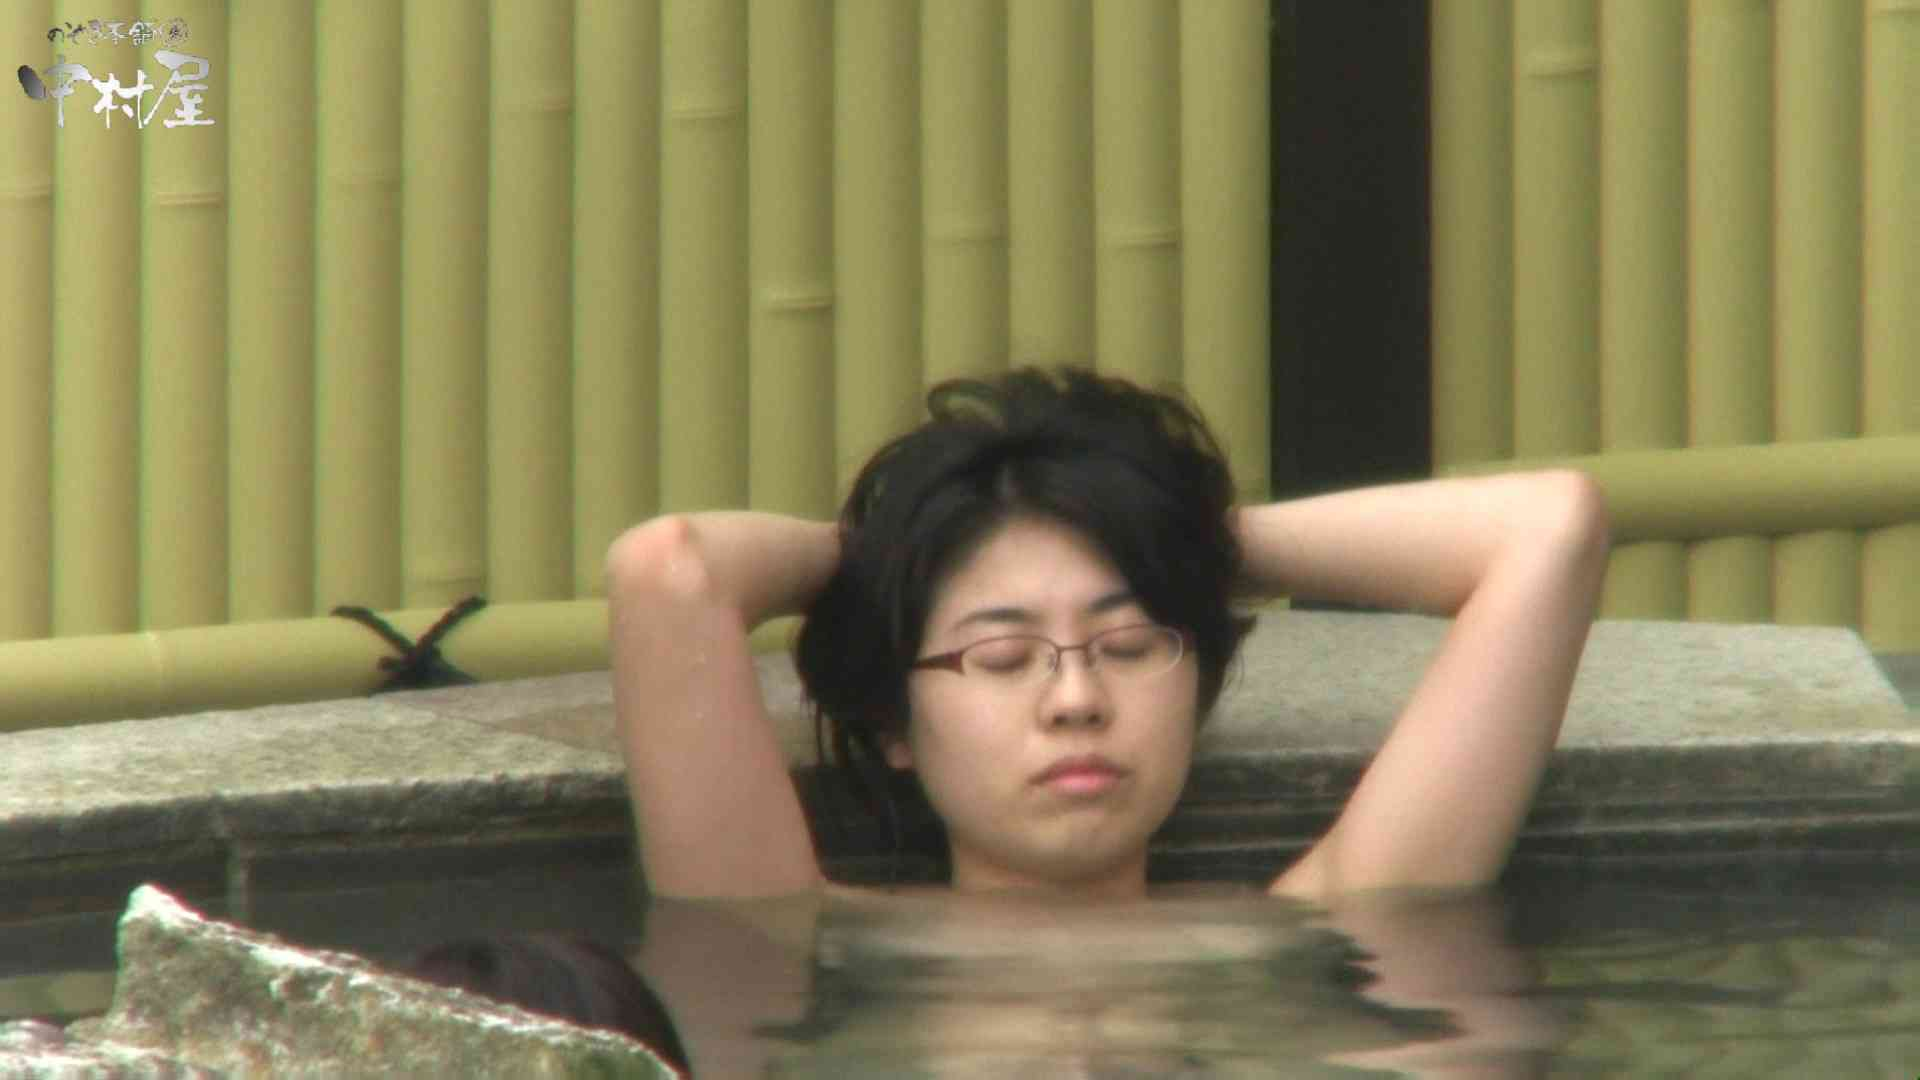 Aquaな露天風呂Vol.947 綺麗なOLたち おまんこ動画流出 111枚 92